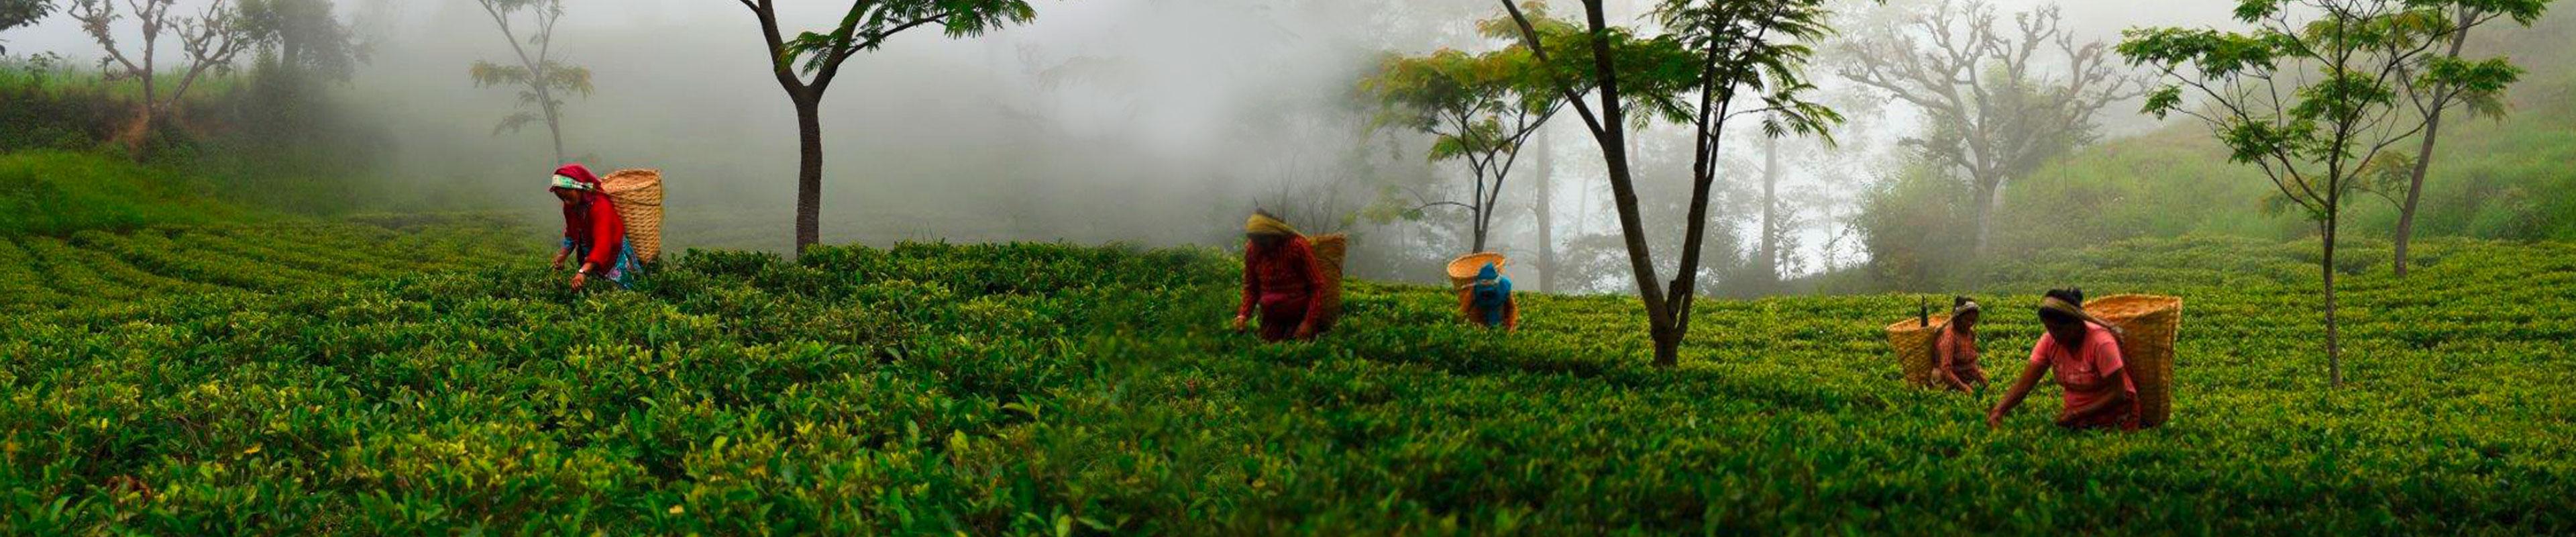 Ceylon, Assam, China